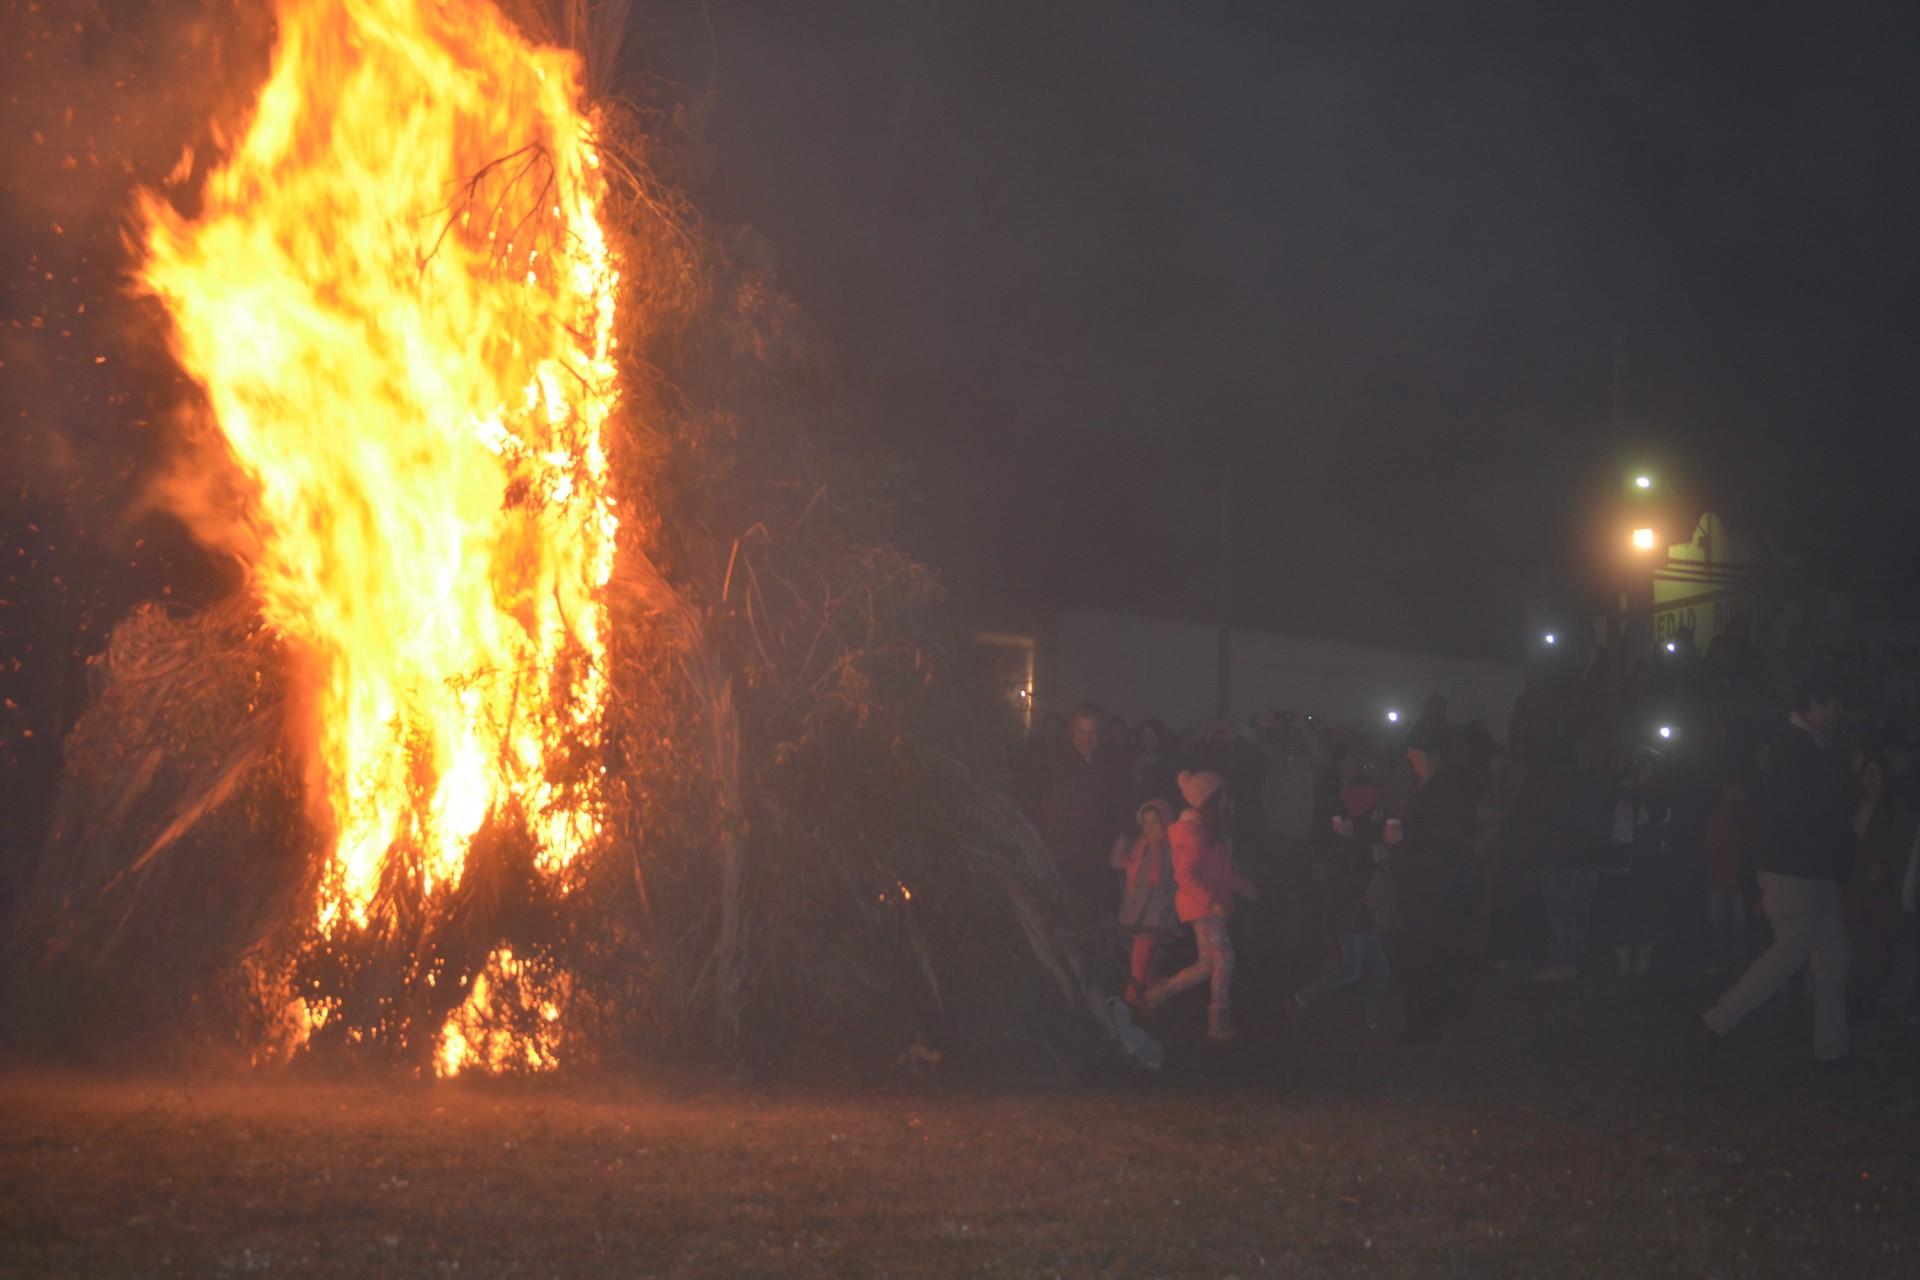 Hogueras de San Juan en Sociedad Rural 19 de Abril, Uruguay